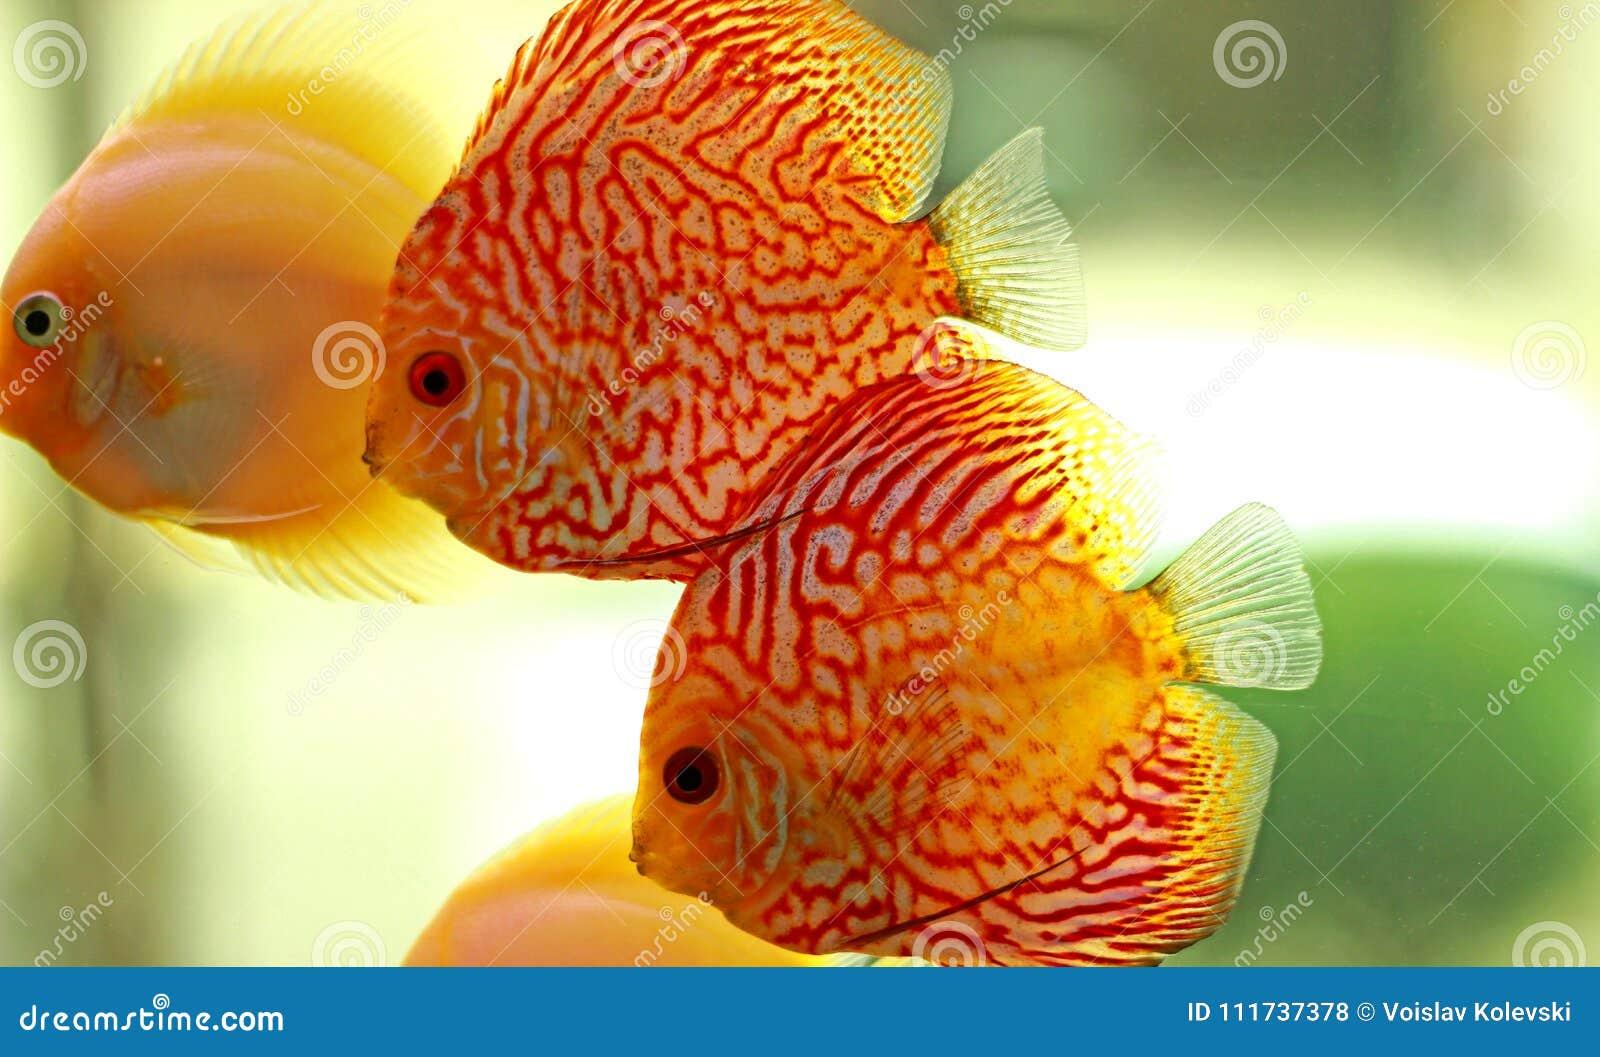 Discus Fish In Freshwater Aquarium Stock Photo - Image of discus ...